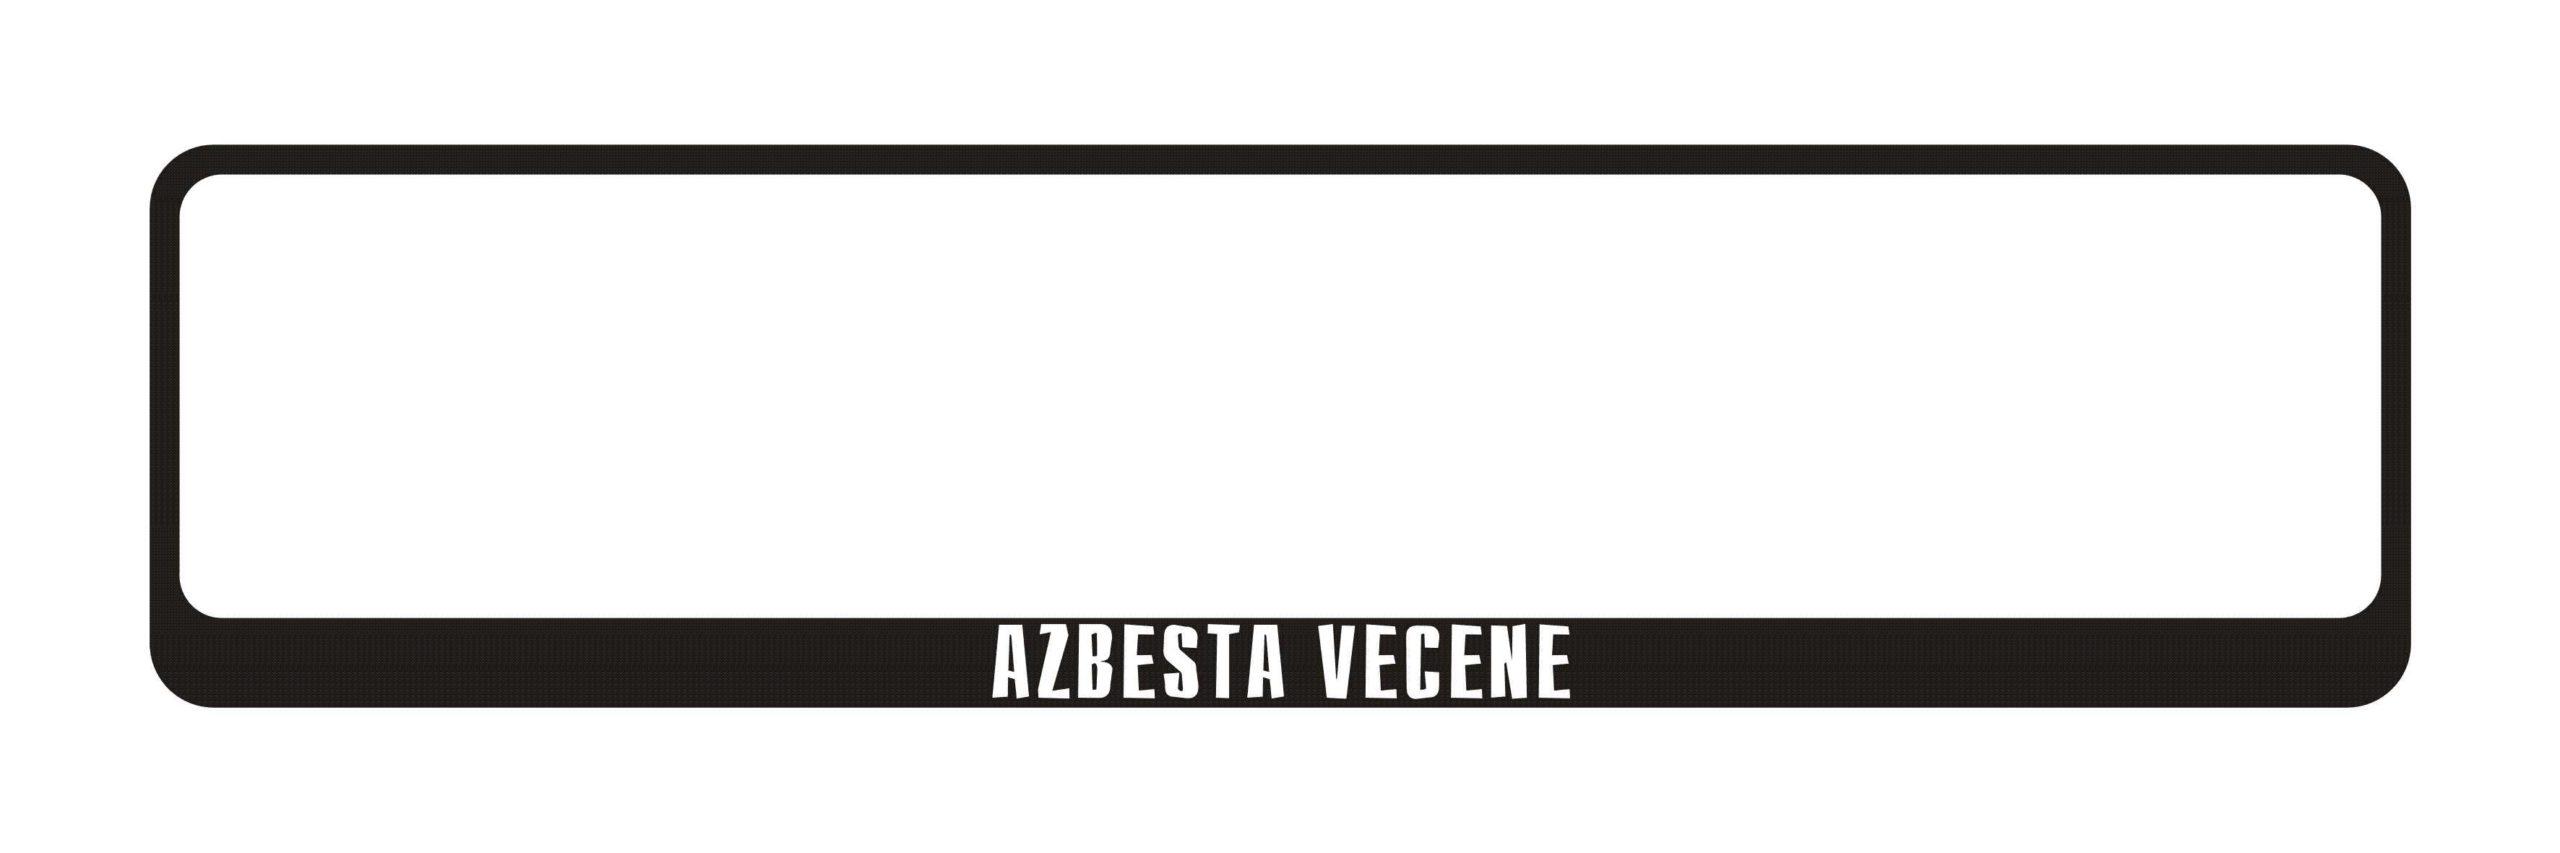 LATSIGN Auto numura turētājs ar uzrakstu - Azbesta vecene